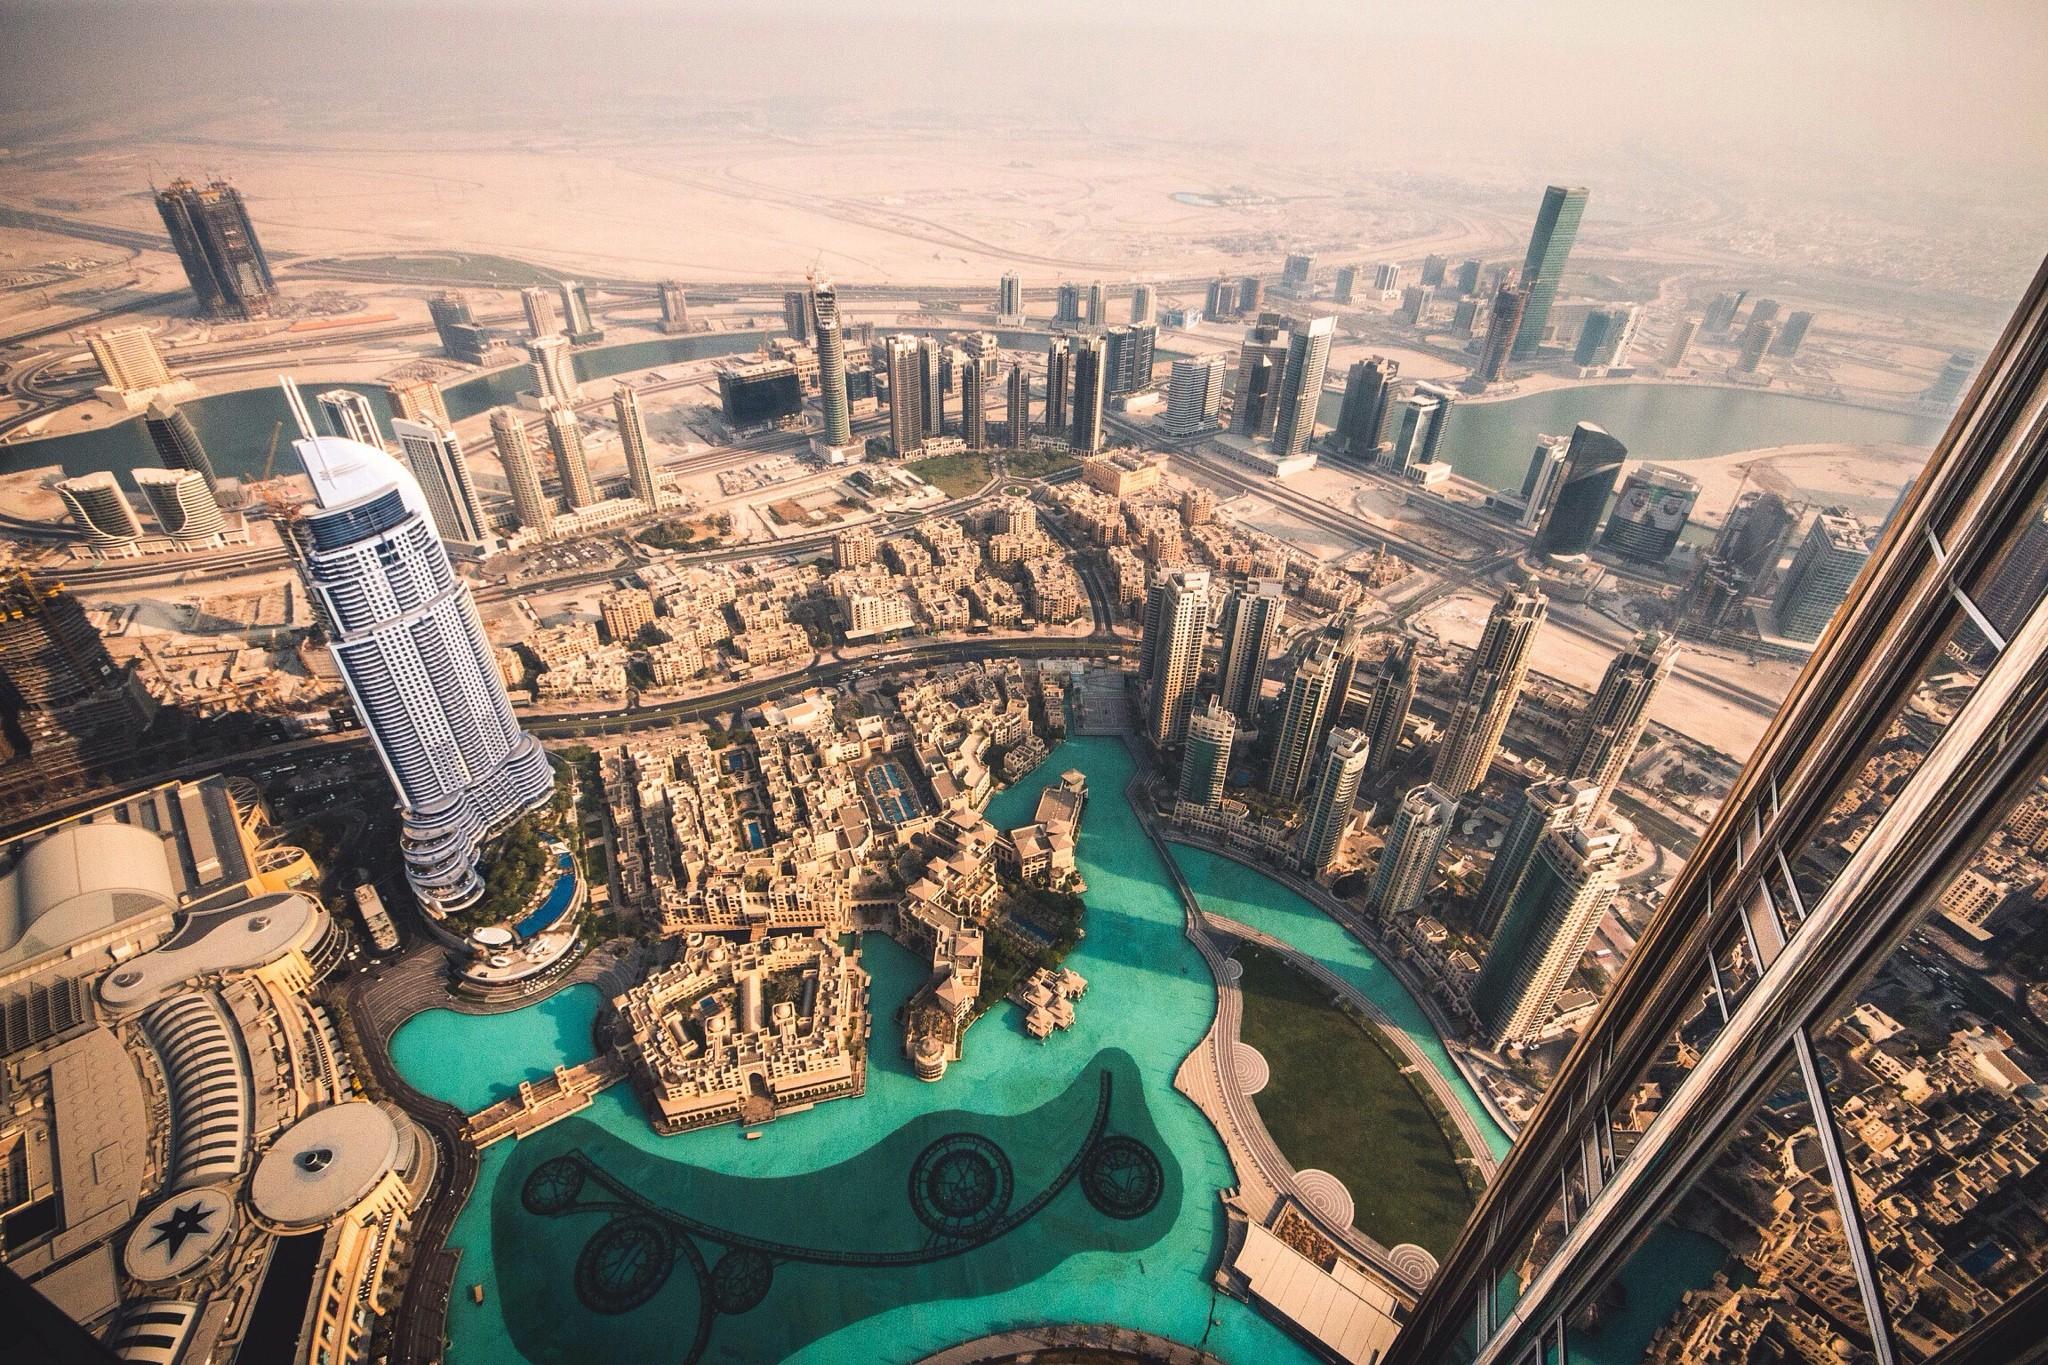 Топ экскурсий в Дубае фото